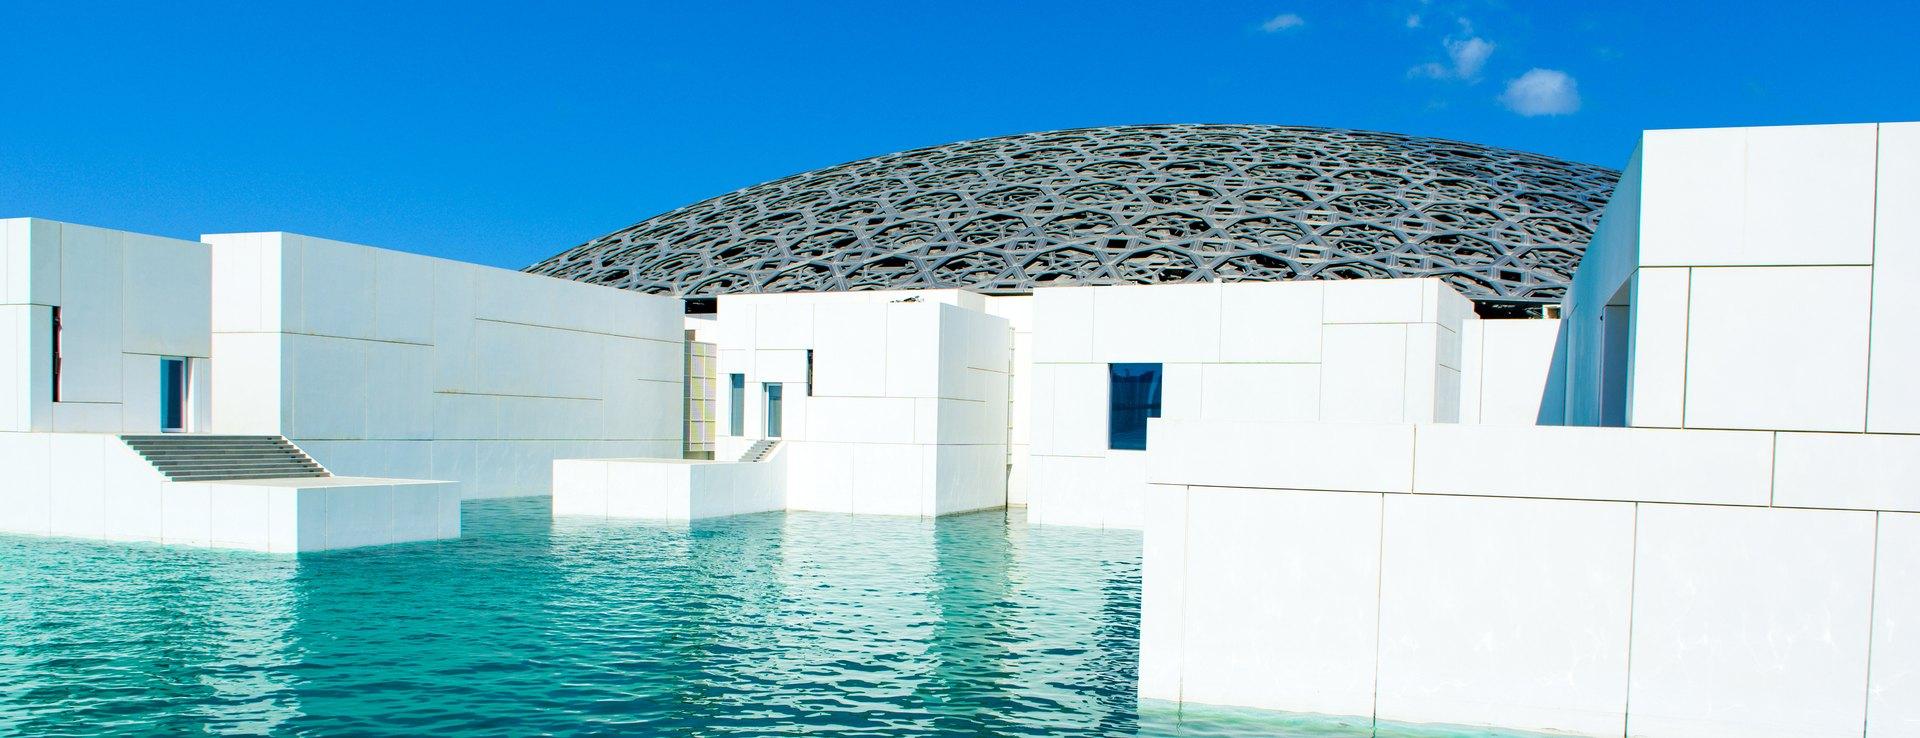 Louvre Abu Dhabi Image 1